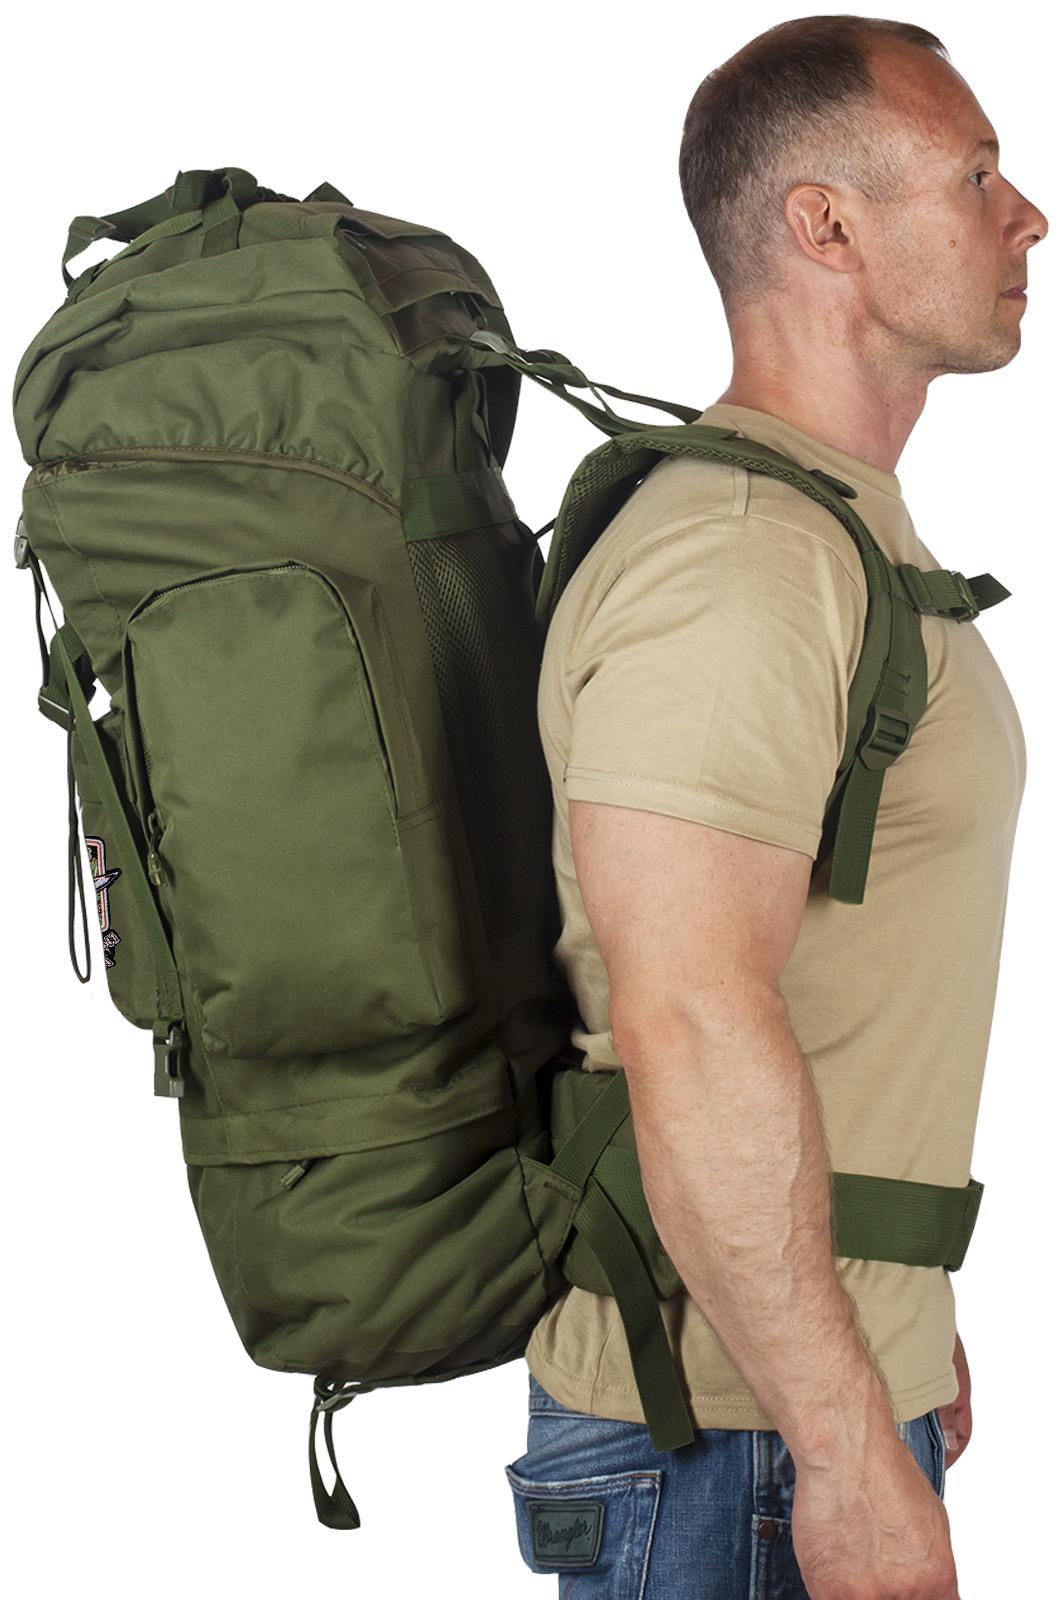 Зачетный вместительный рюкзак с нашивкой Охотничий Спецназ - купить в Военпро